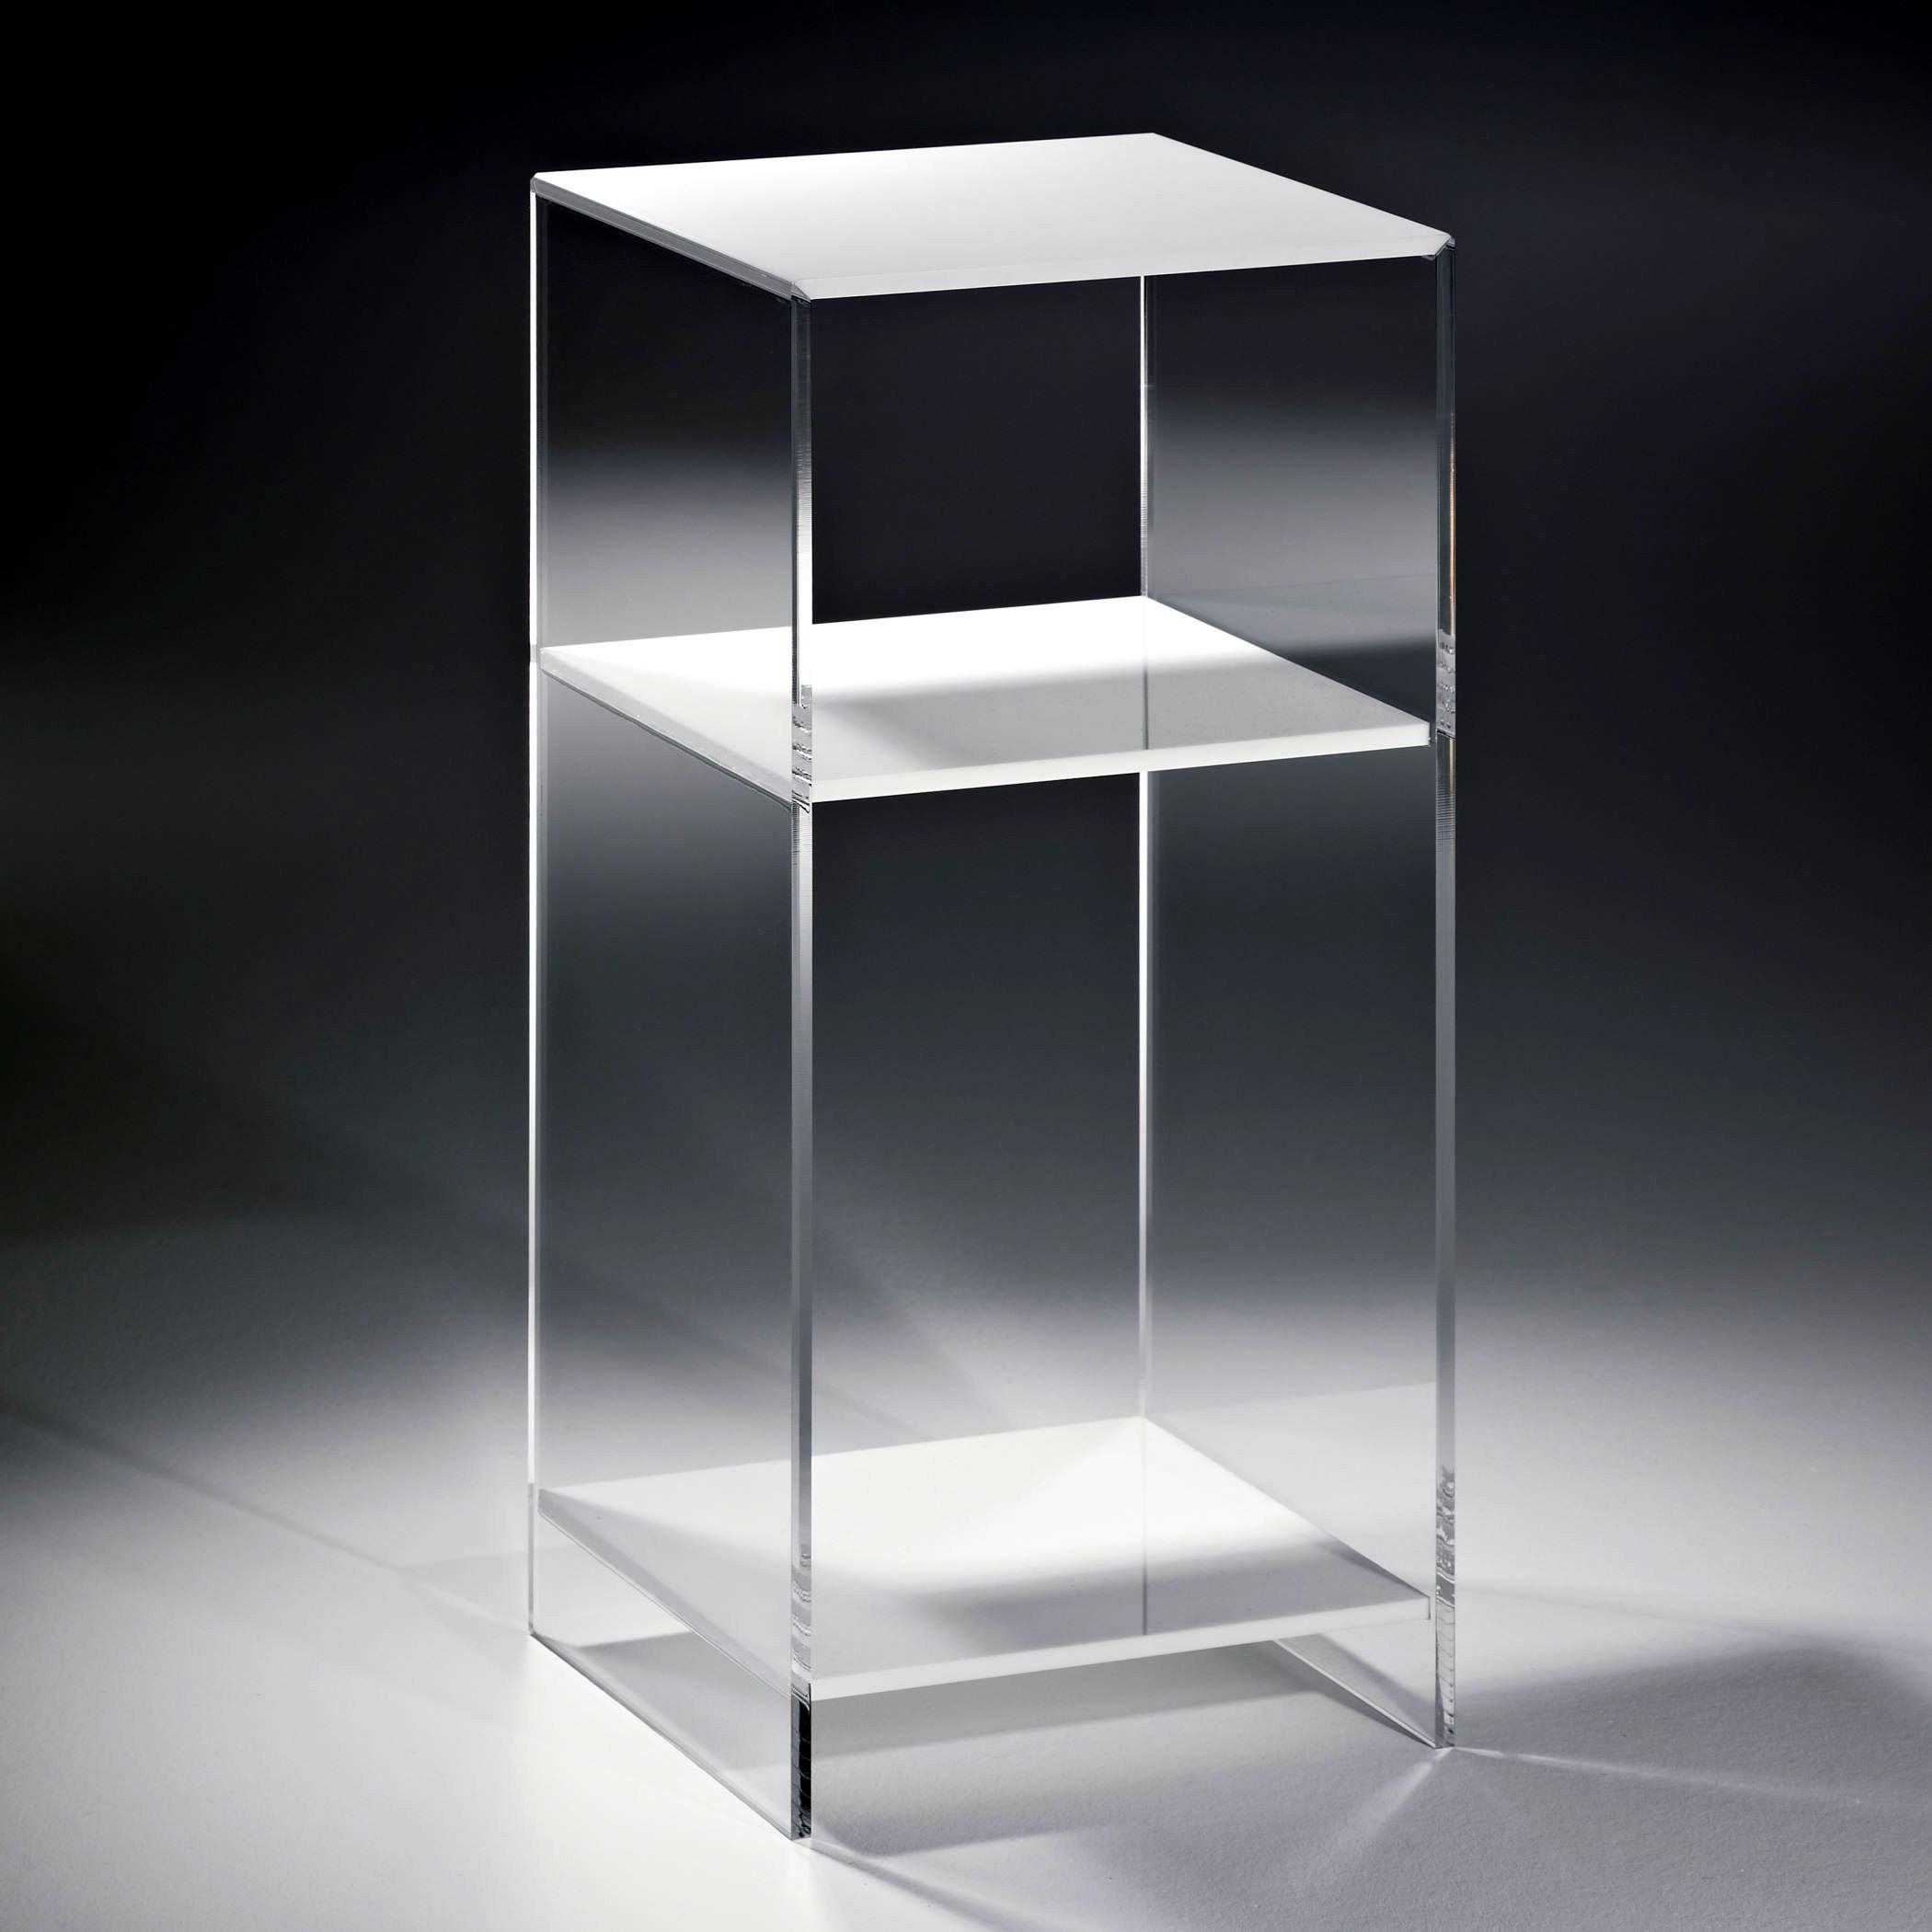 hochwertiges acryl glas standregal konsole mit 2 f chern. Black Bedroom Furniture Sets. Home Design Ideas